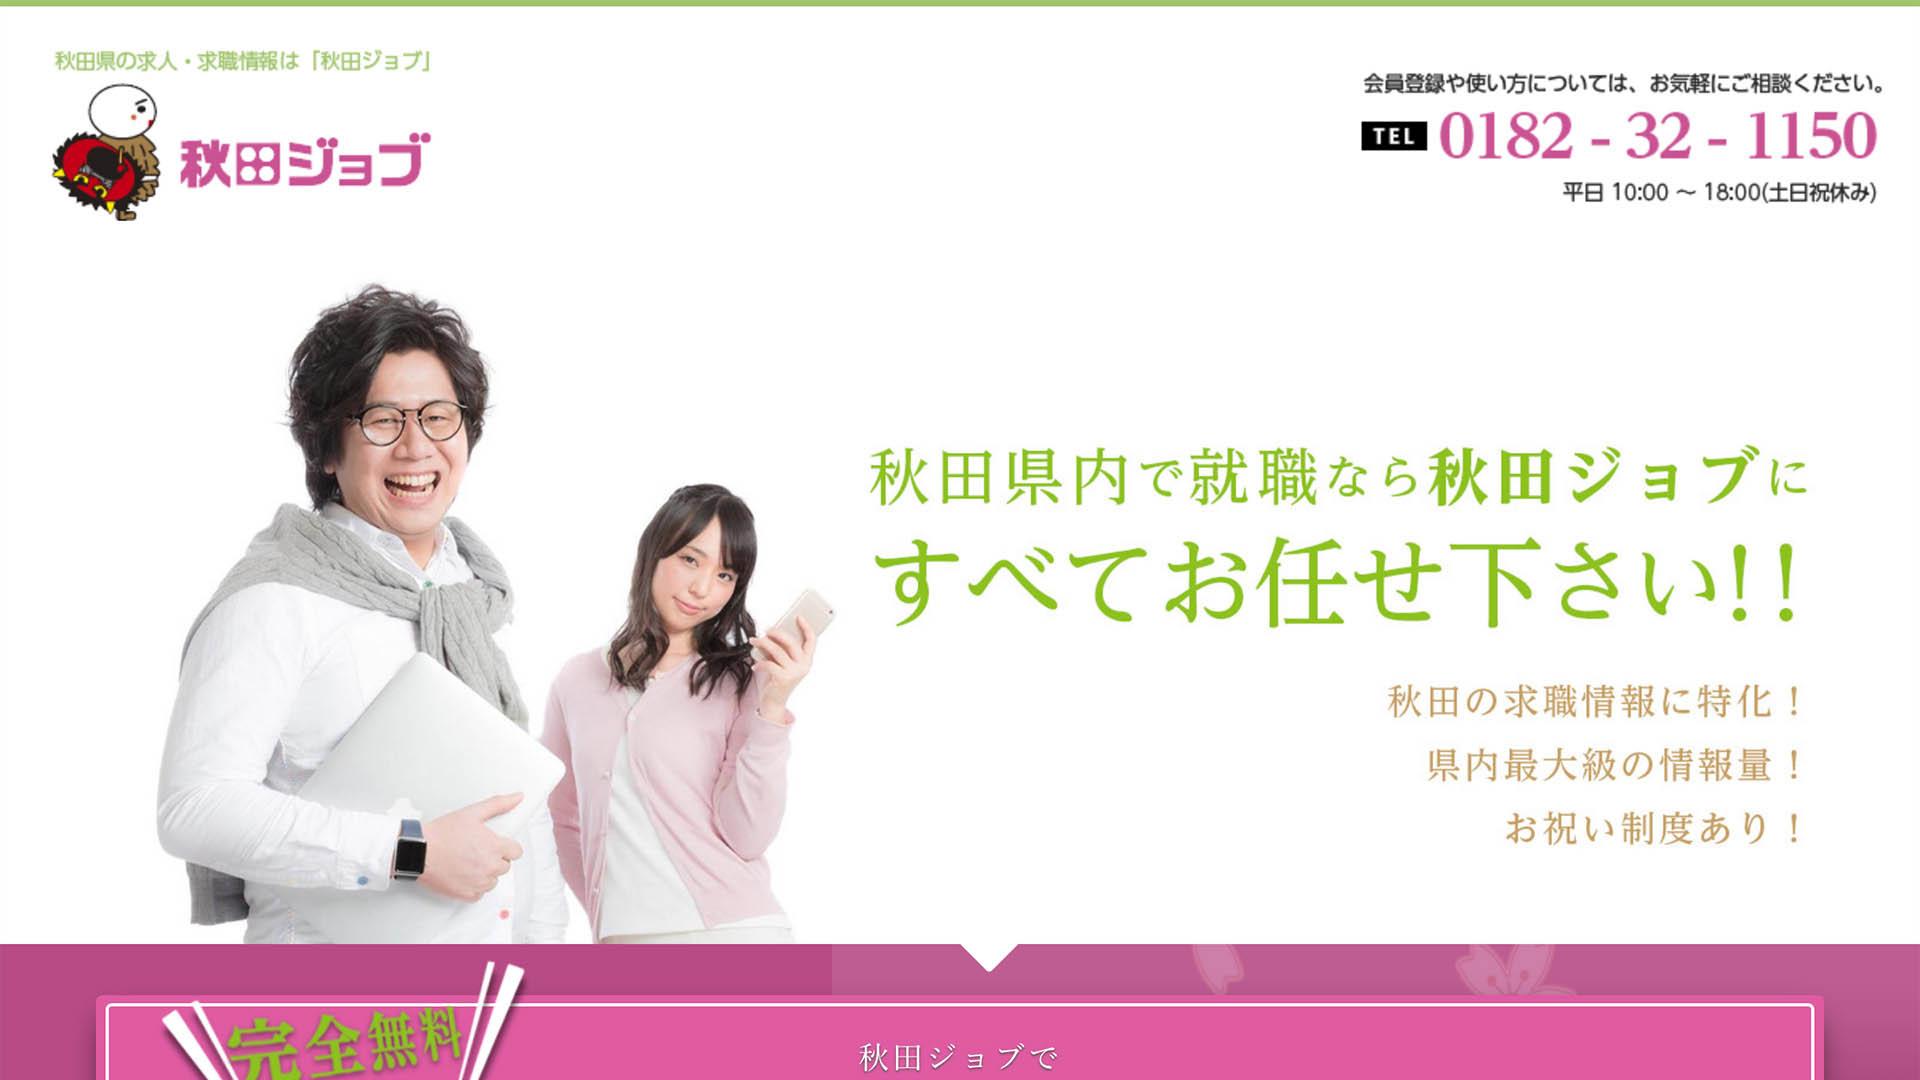 秋田ジョブ様のサイトイメージ